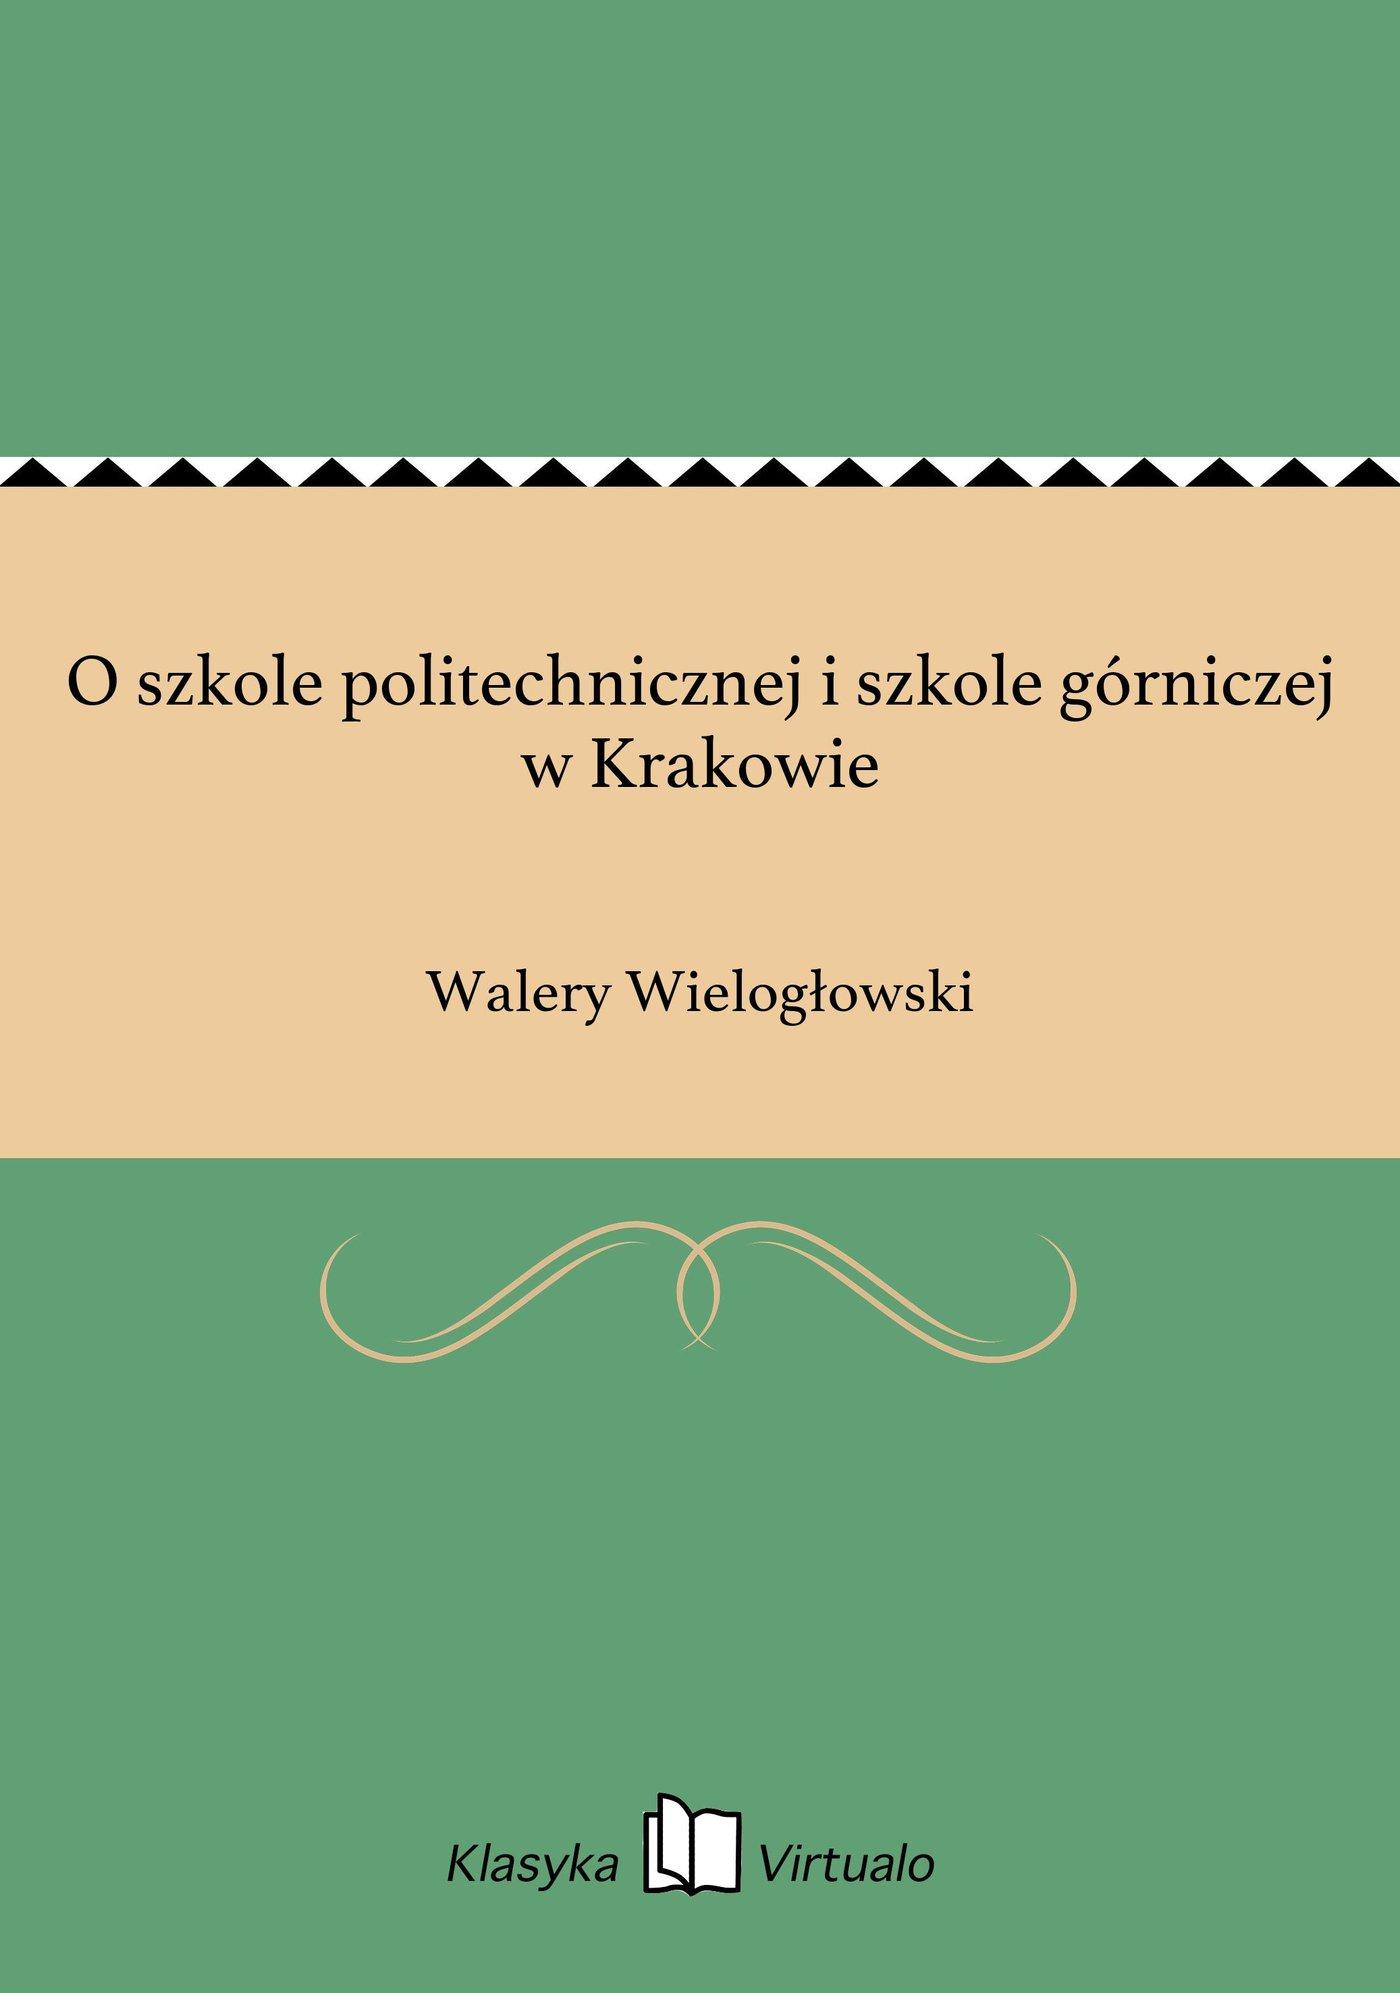 O szkole politechnicznej i szkole górniczej w Krakowie - Ebook (Książka na Kindle) do pobrania w formacie MOBI